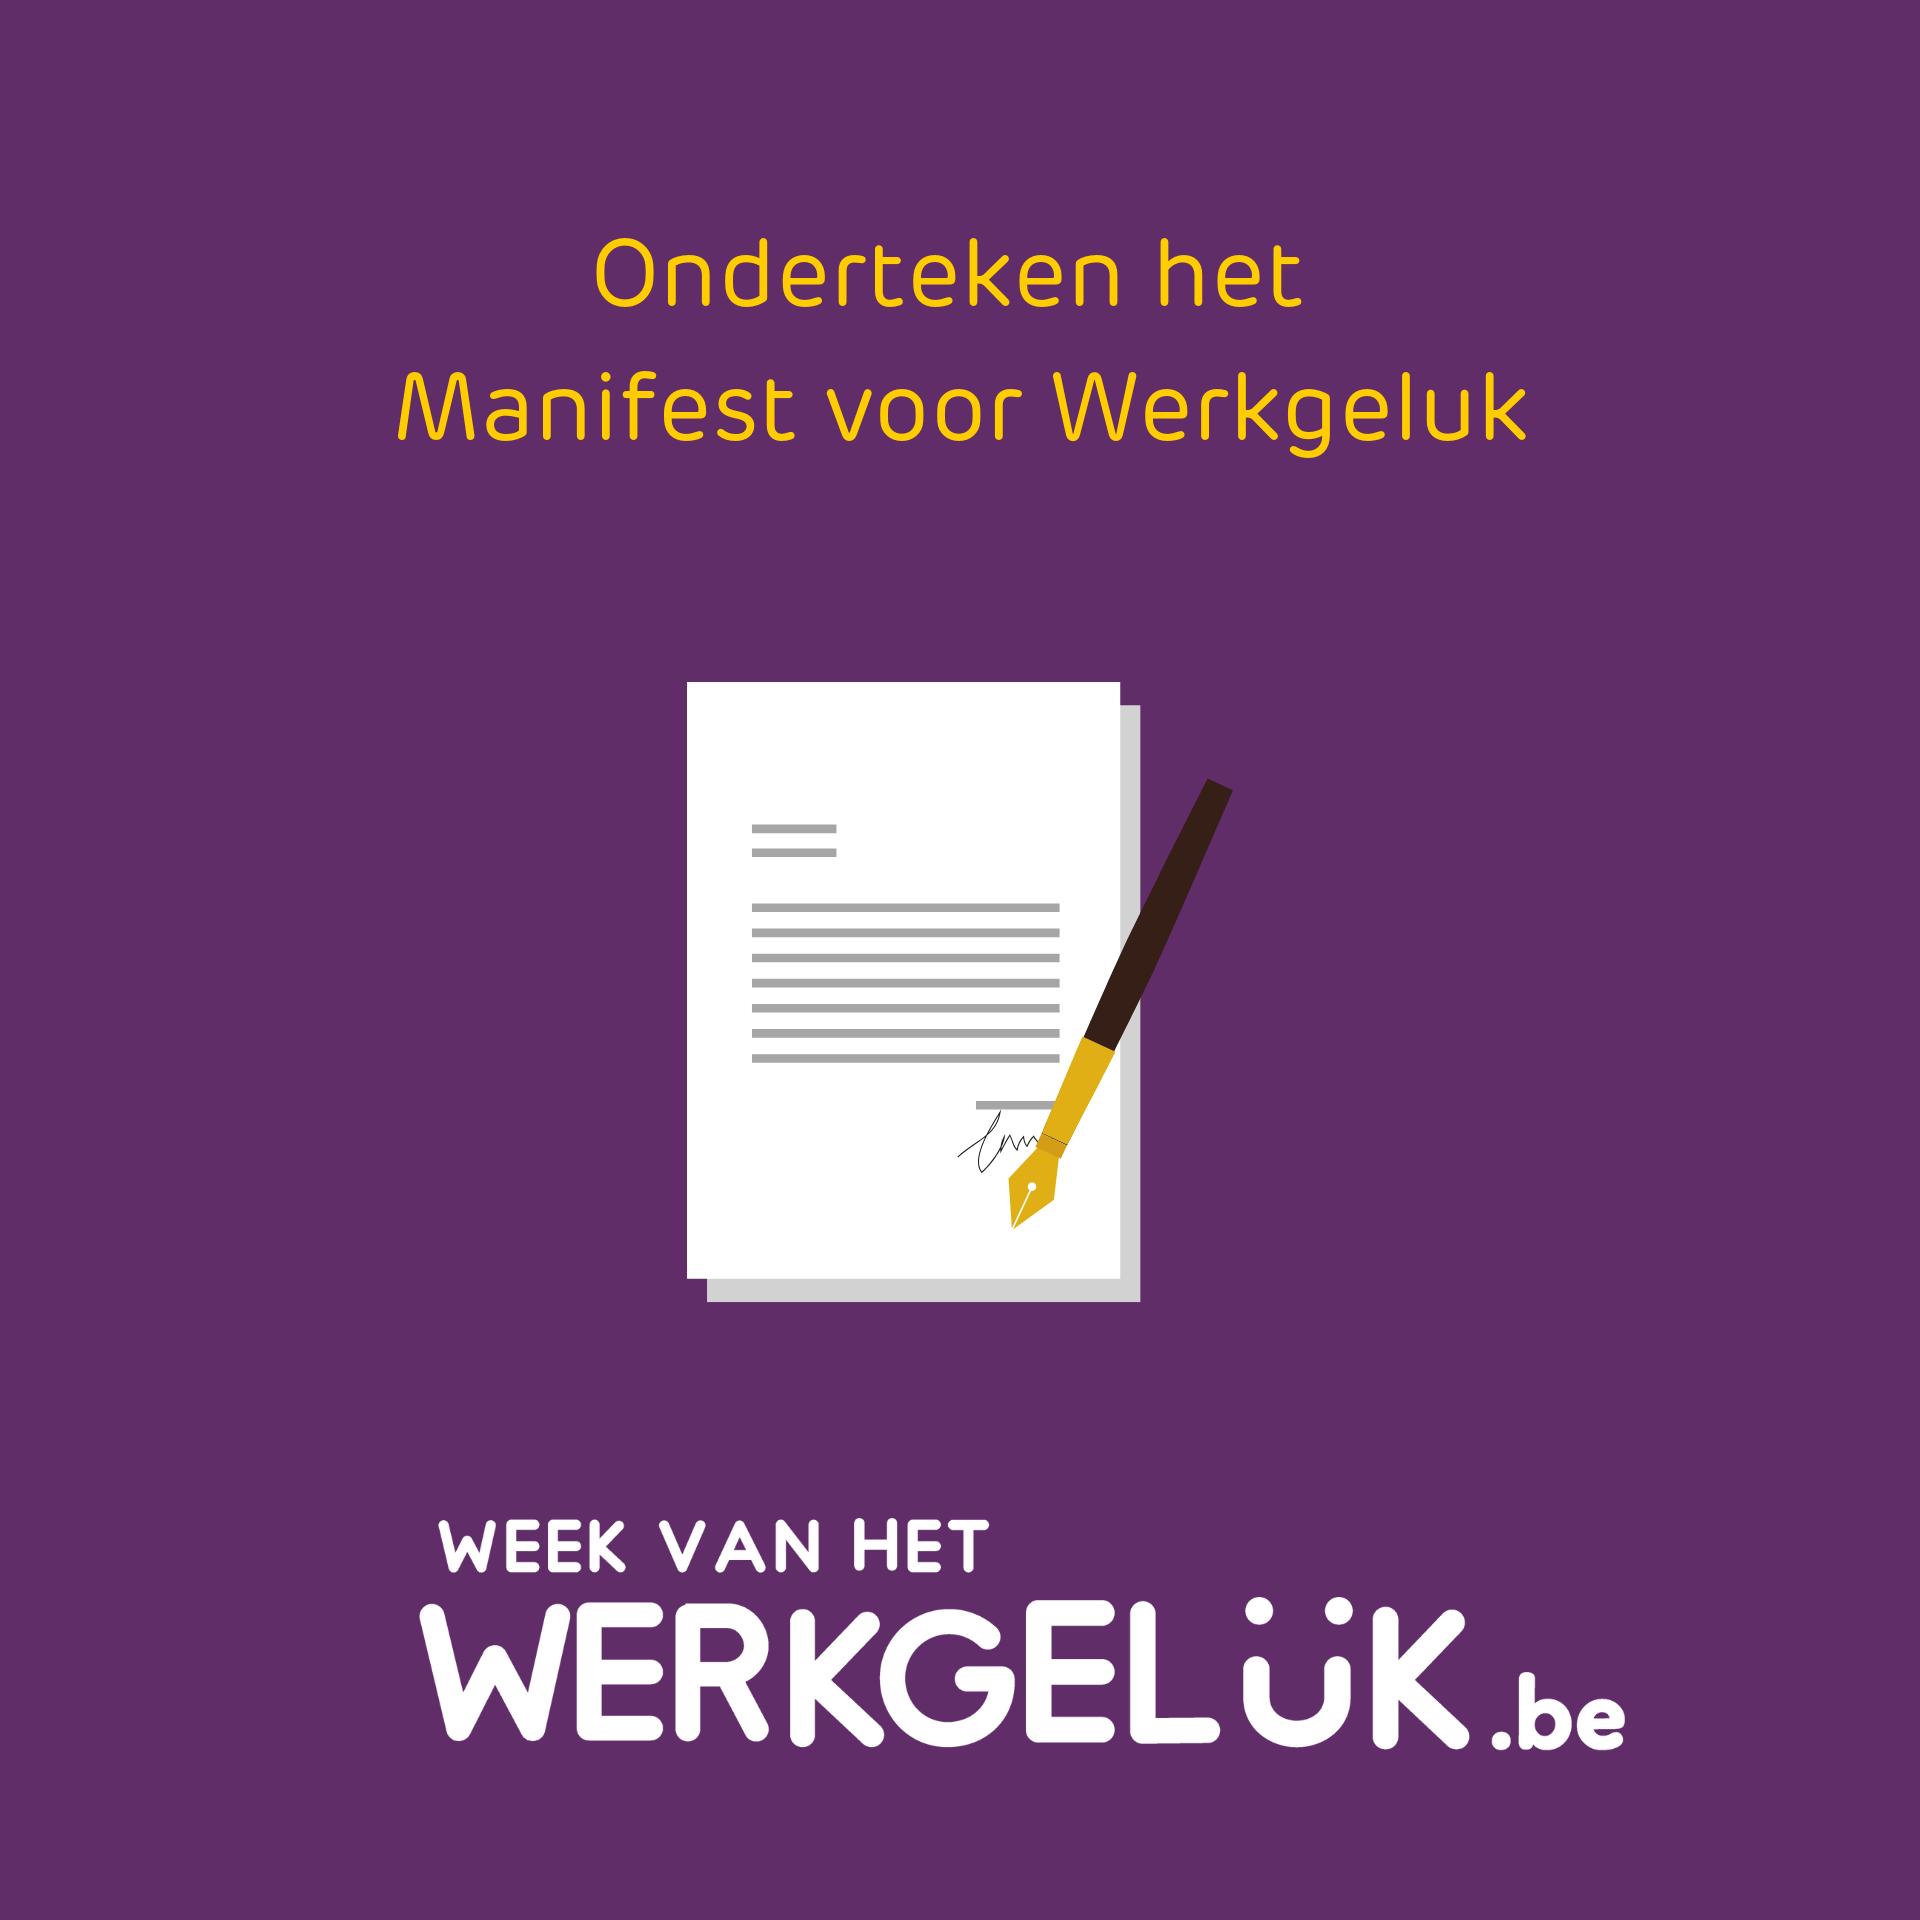 Onderteken het manifest voor werkgeluk